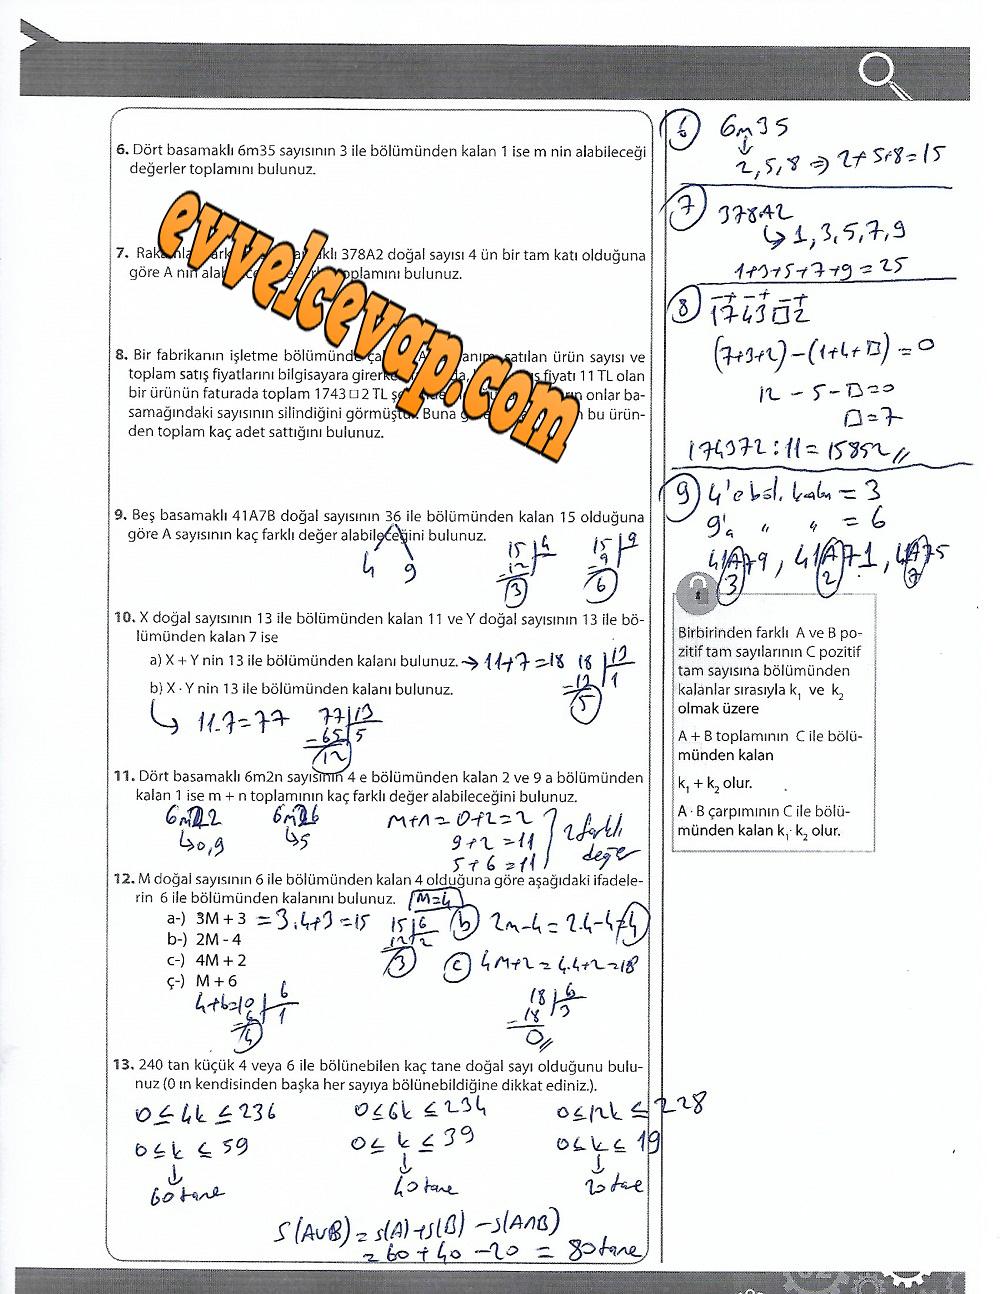 9.Sınıf Matematik MEB Yayınları Ders Kitabı 183.Sayfa Cevapları 4.Ünite